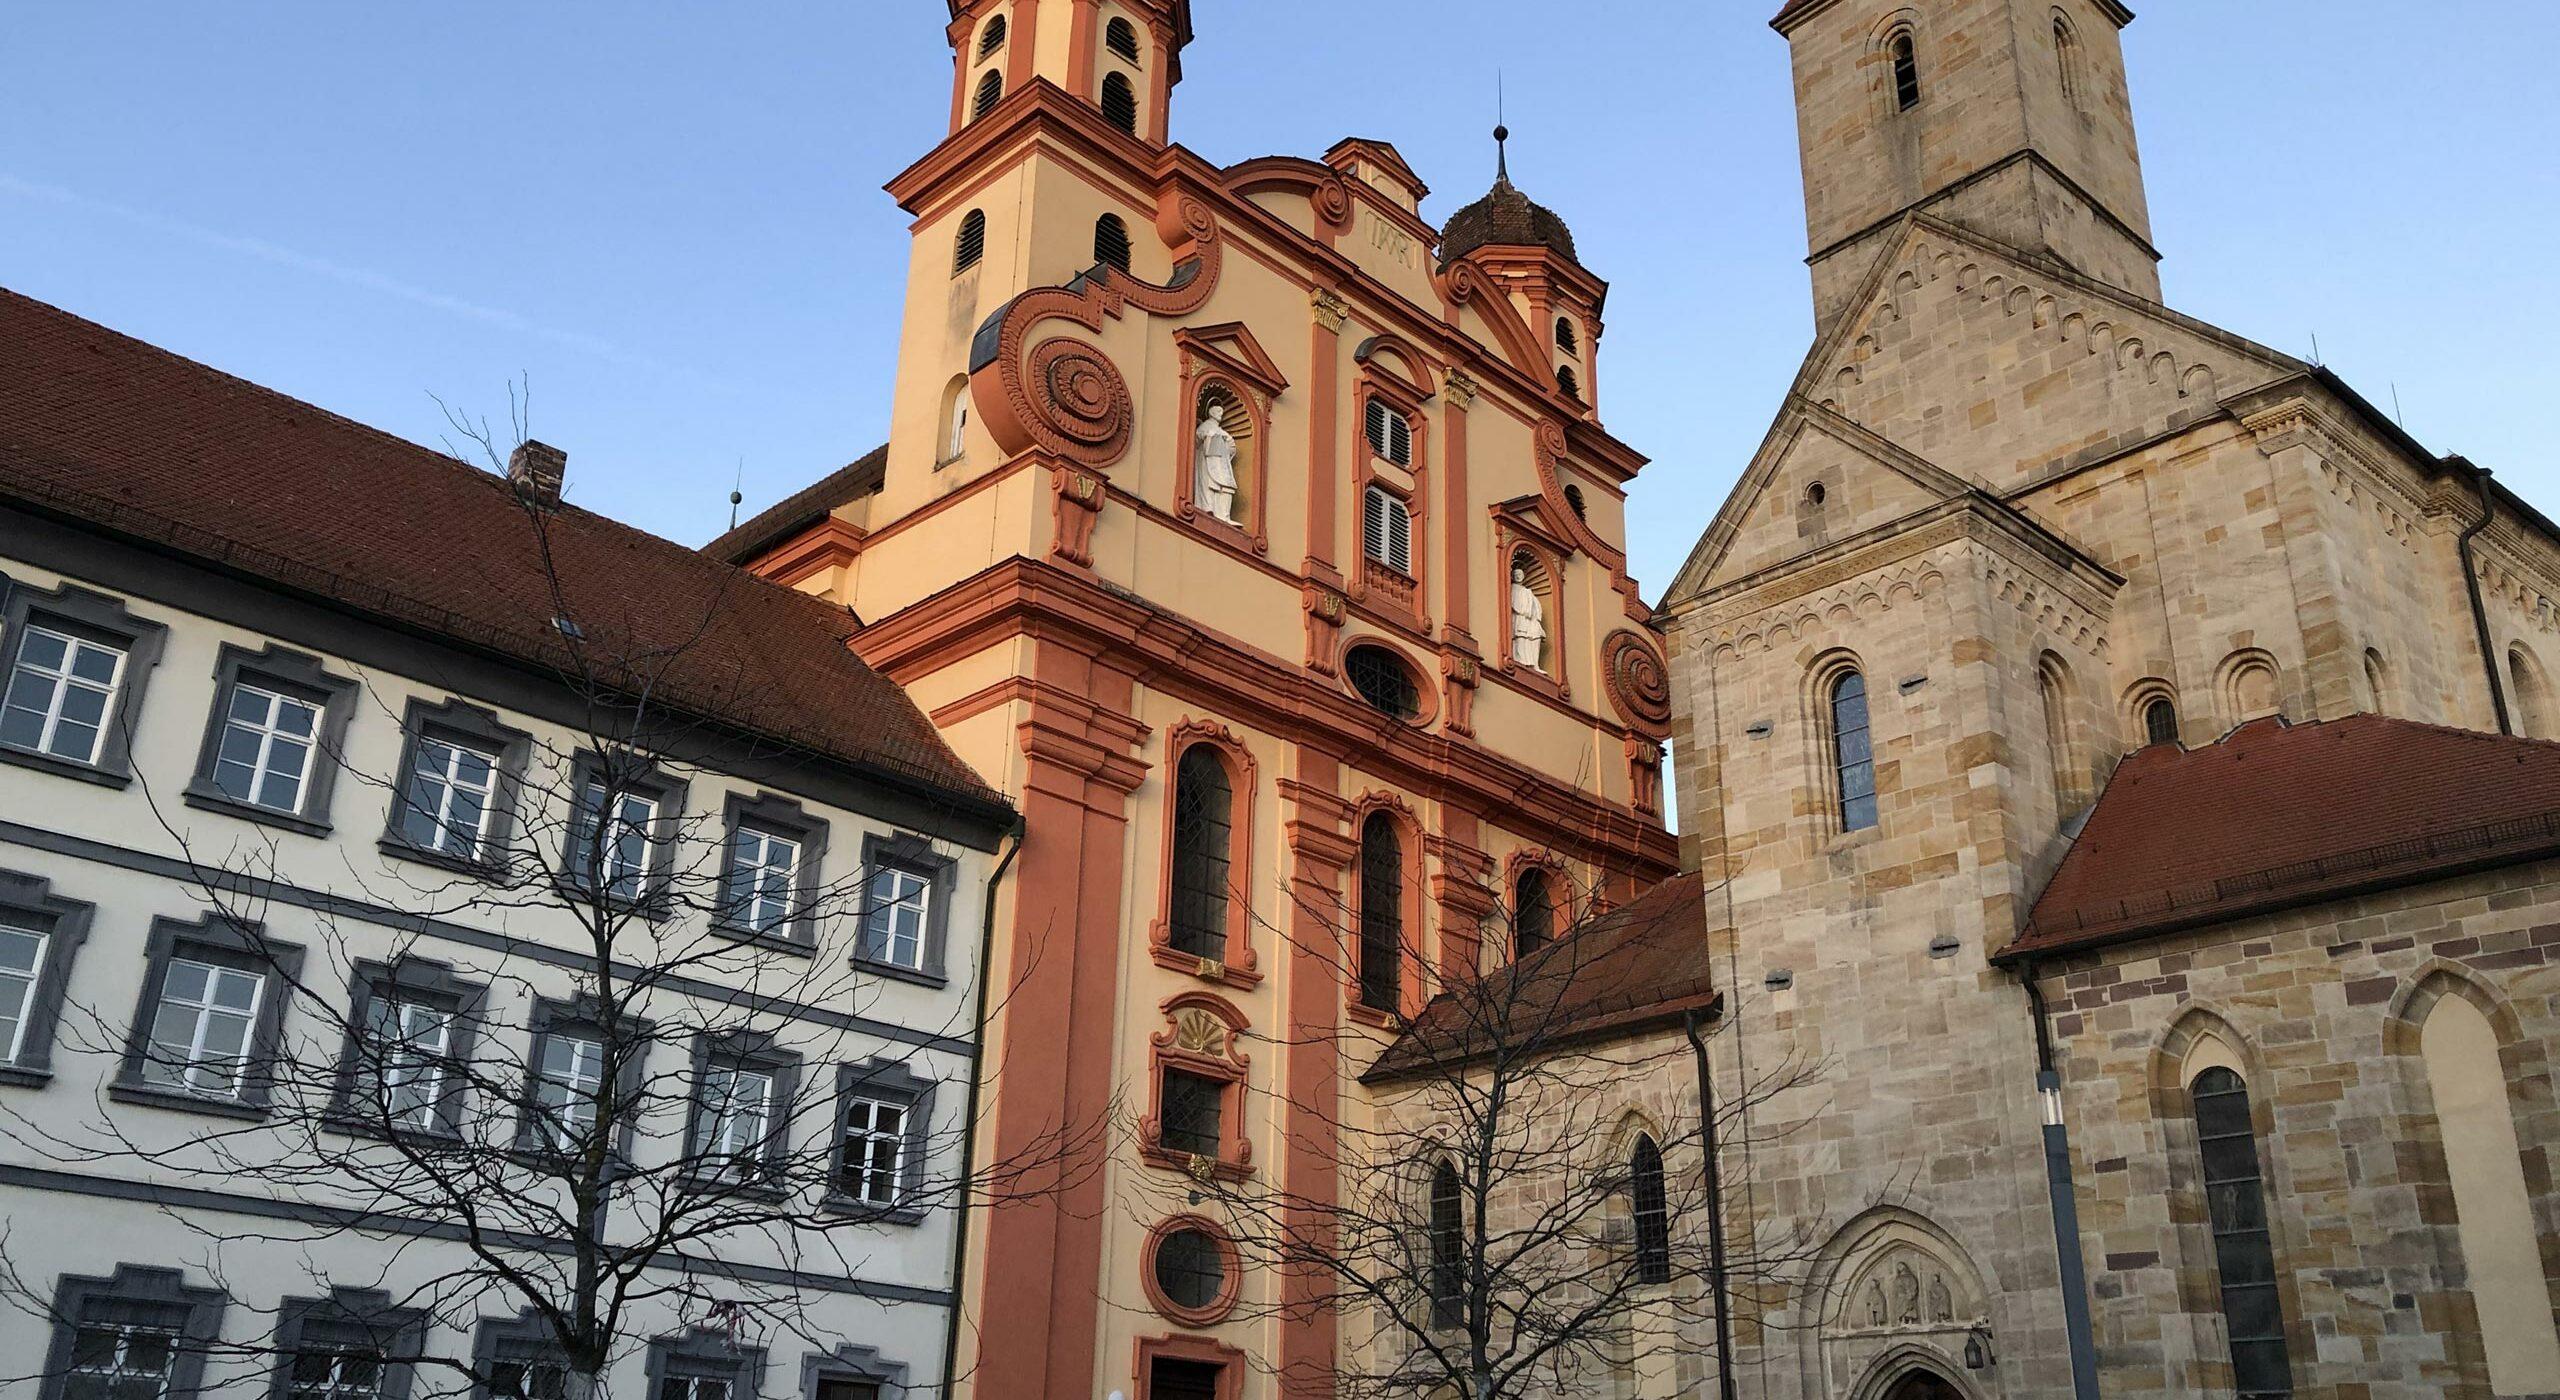 St. Vitus und evangelische Stadtkirche